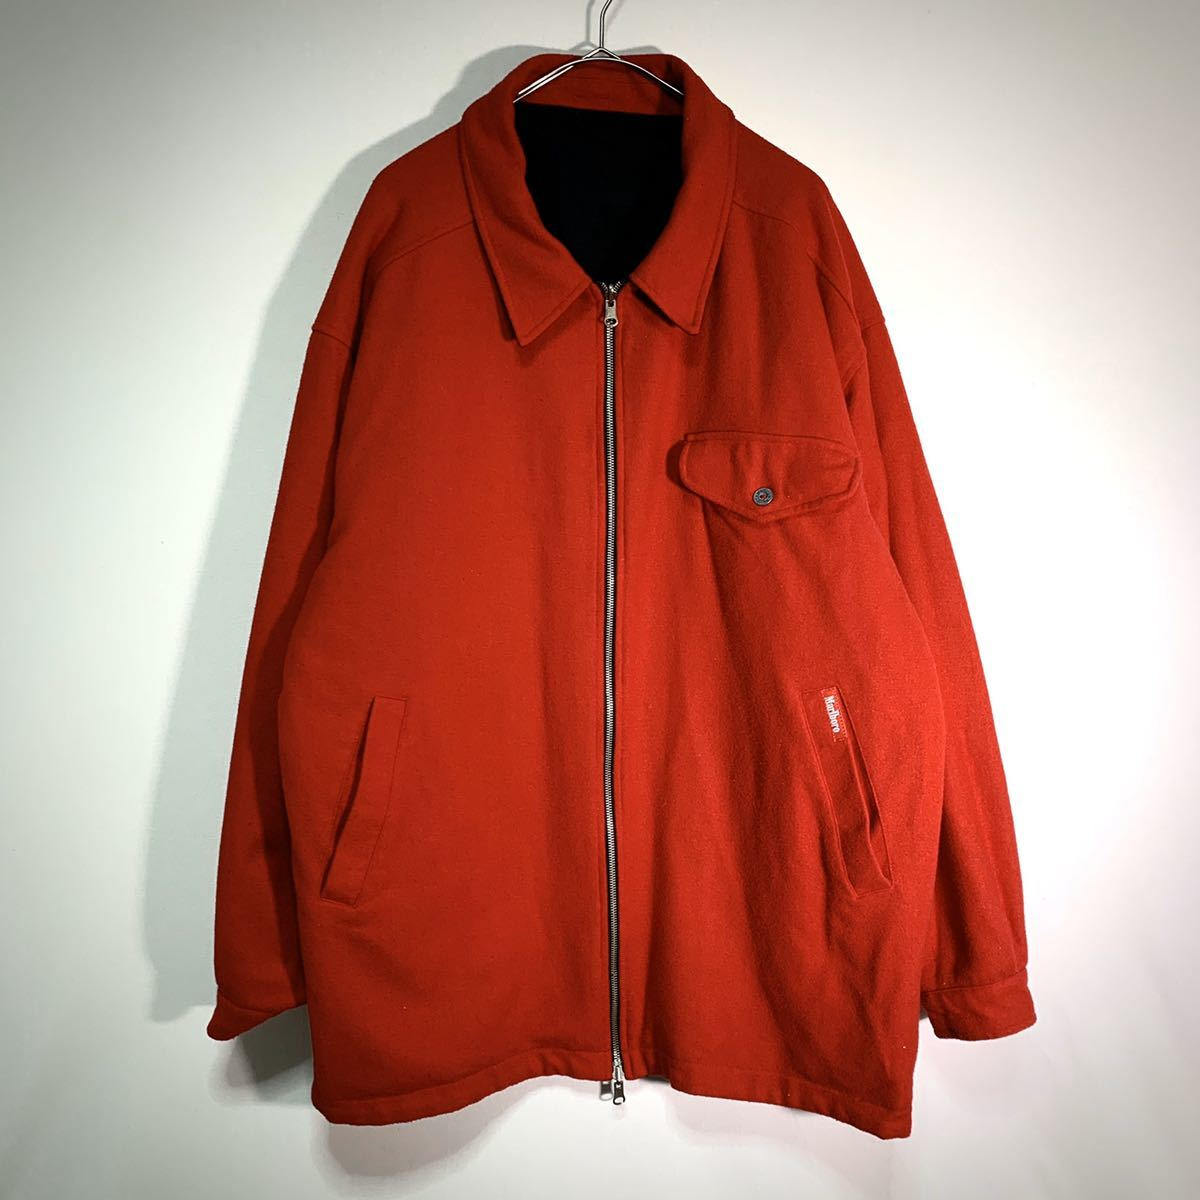 【送料込】90s Marlboro リバーシブル ウール ジャケット XL 黒×赤 ビッグシルエット ジップ マルボロ 80s ビンテージ 古着 オールド_画像10